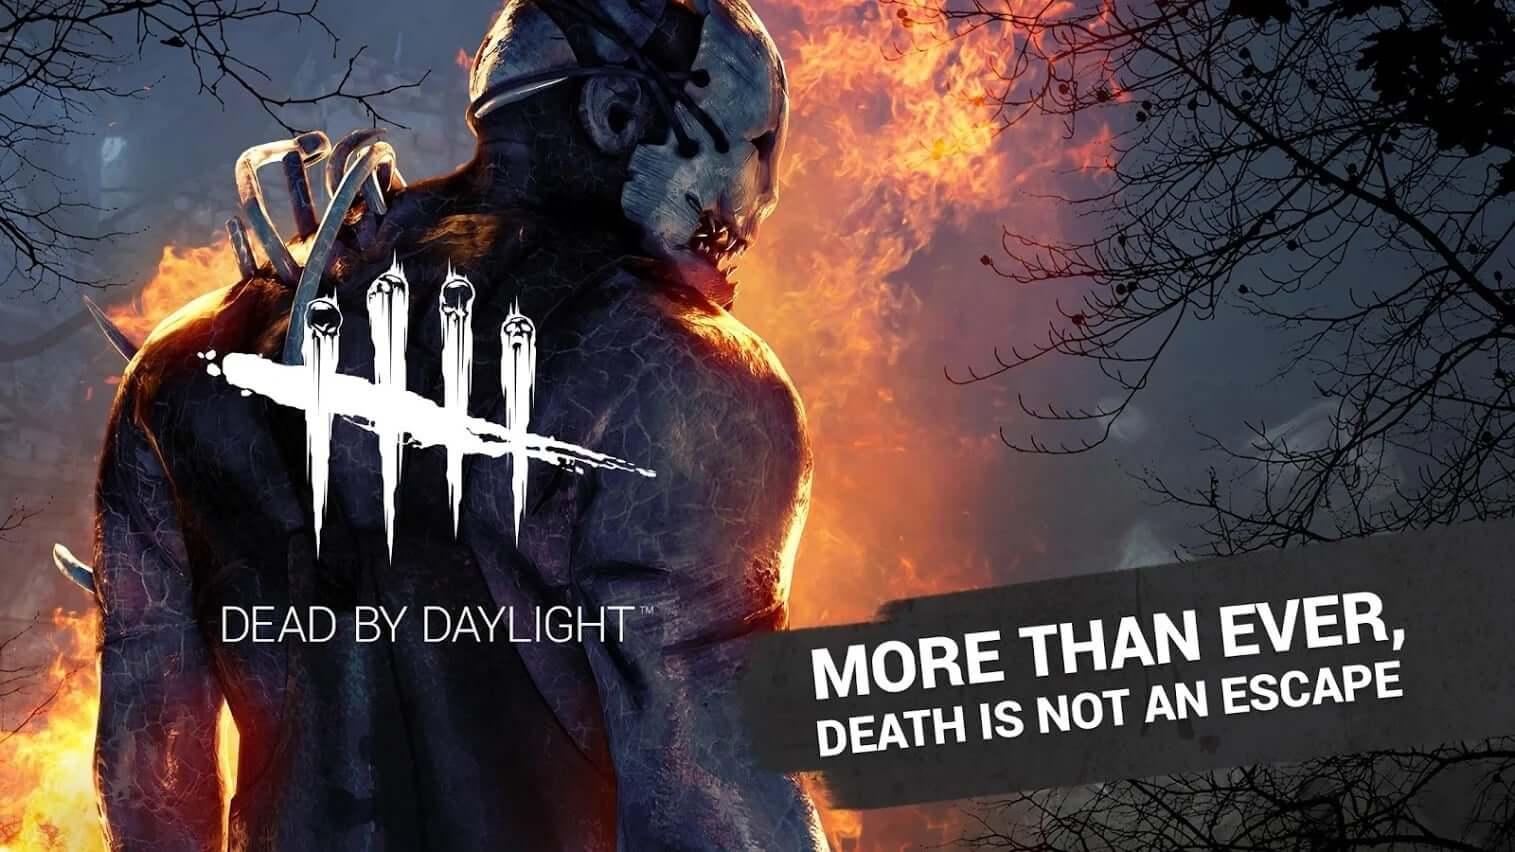 """لعبة قتيلا بواسطة ضوء النهار Dead by Daylight  """"أكثر من أي وقت مضى ، الموت ليس مهرباً""""."""